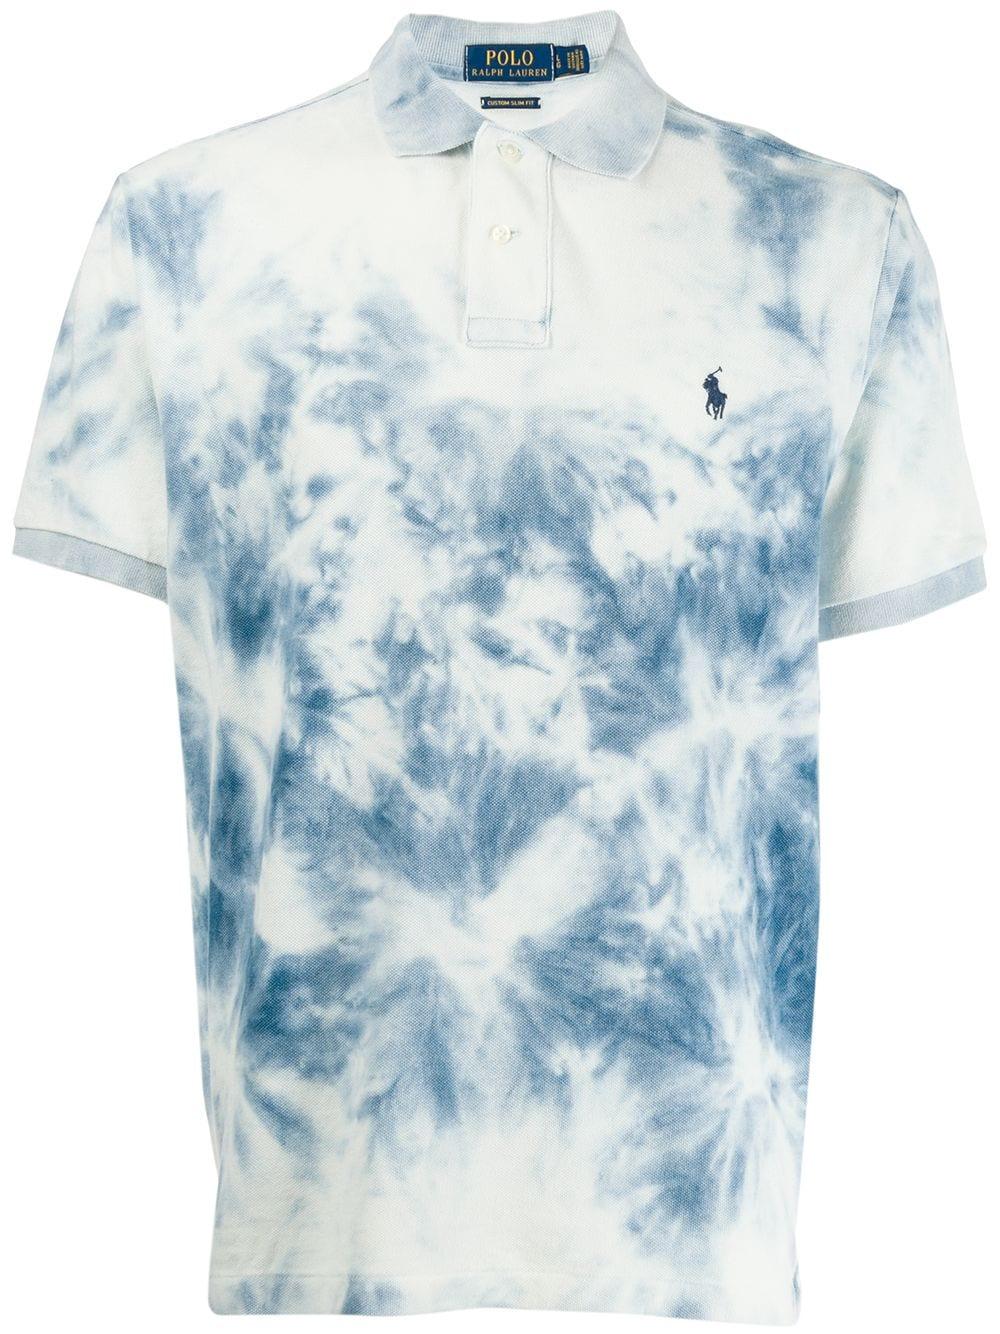 Polo Ralph Lauren Polo Ralph Lauren Tie Dye Polo Top Blue Poloralphlauren Cloth Polo Ralph Lauren Ralph Lauren Slim Fit Tie Dye [ 1334 x 1000 Pixel ]